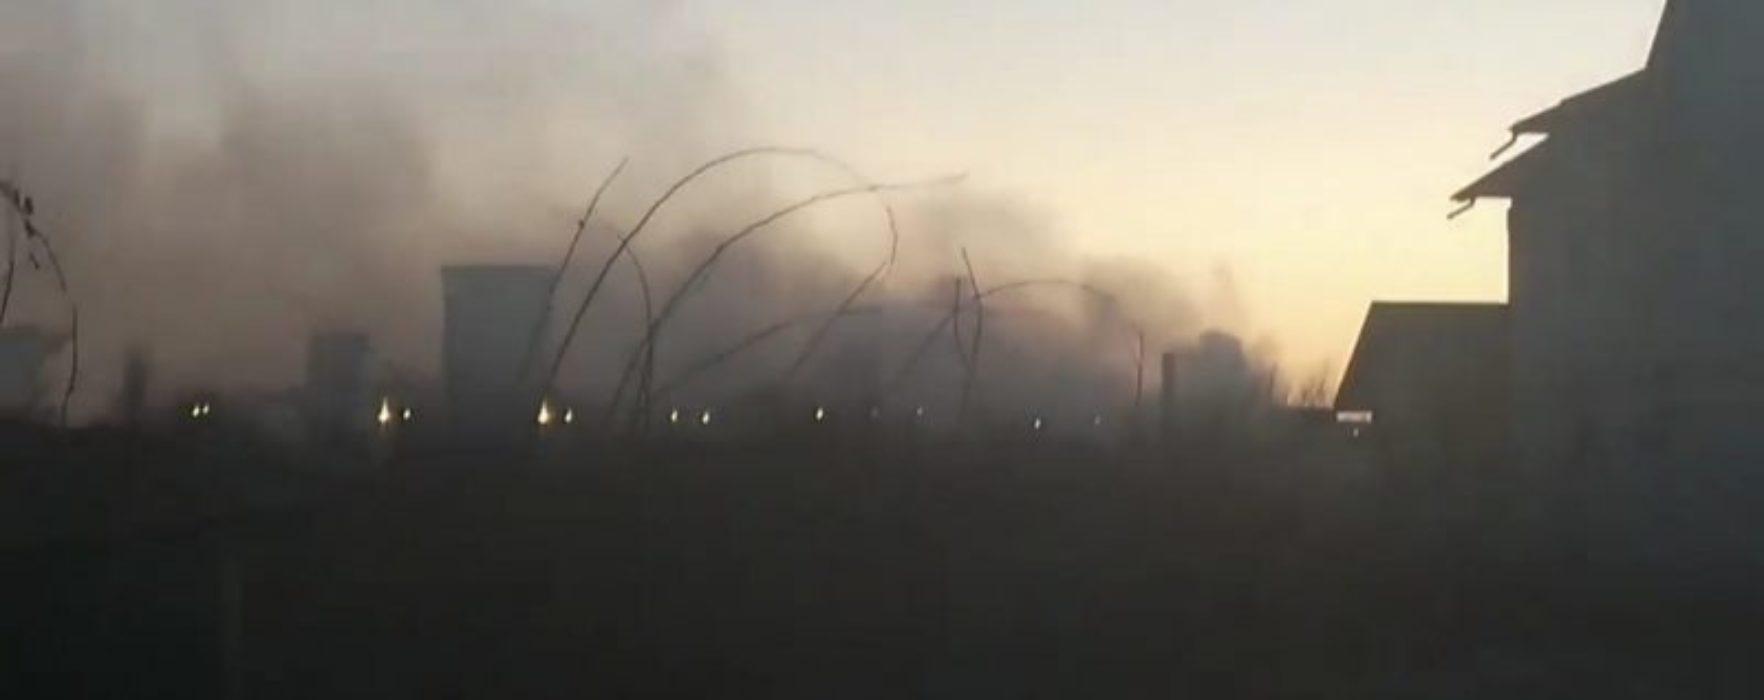 COS Târgovişte amendat de Garda de Mediu pentru poluare